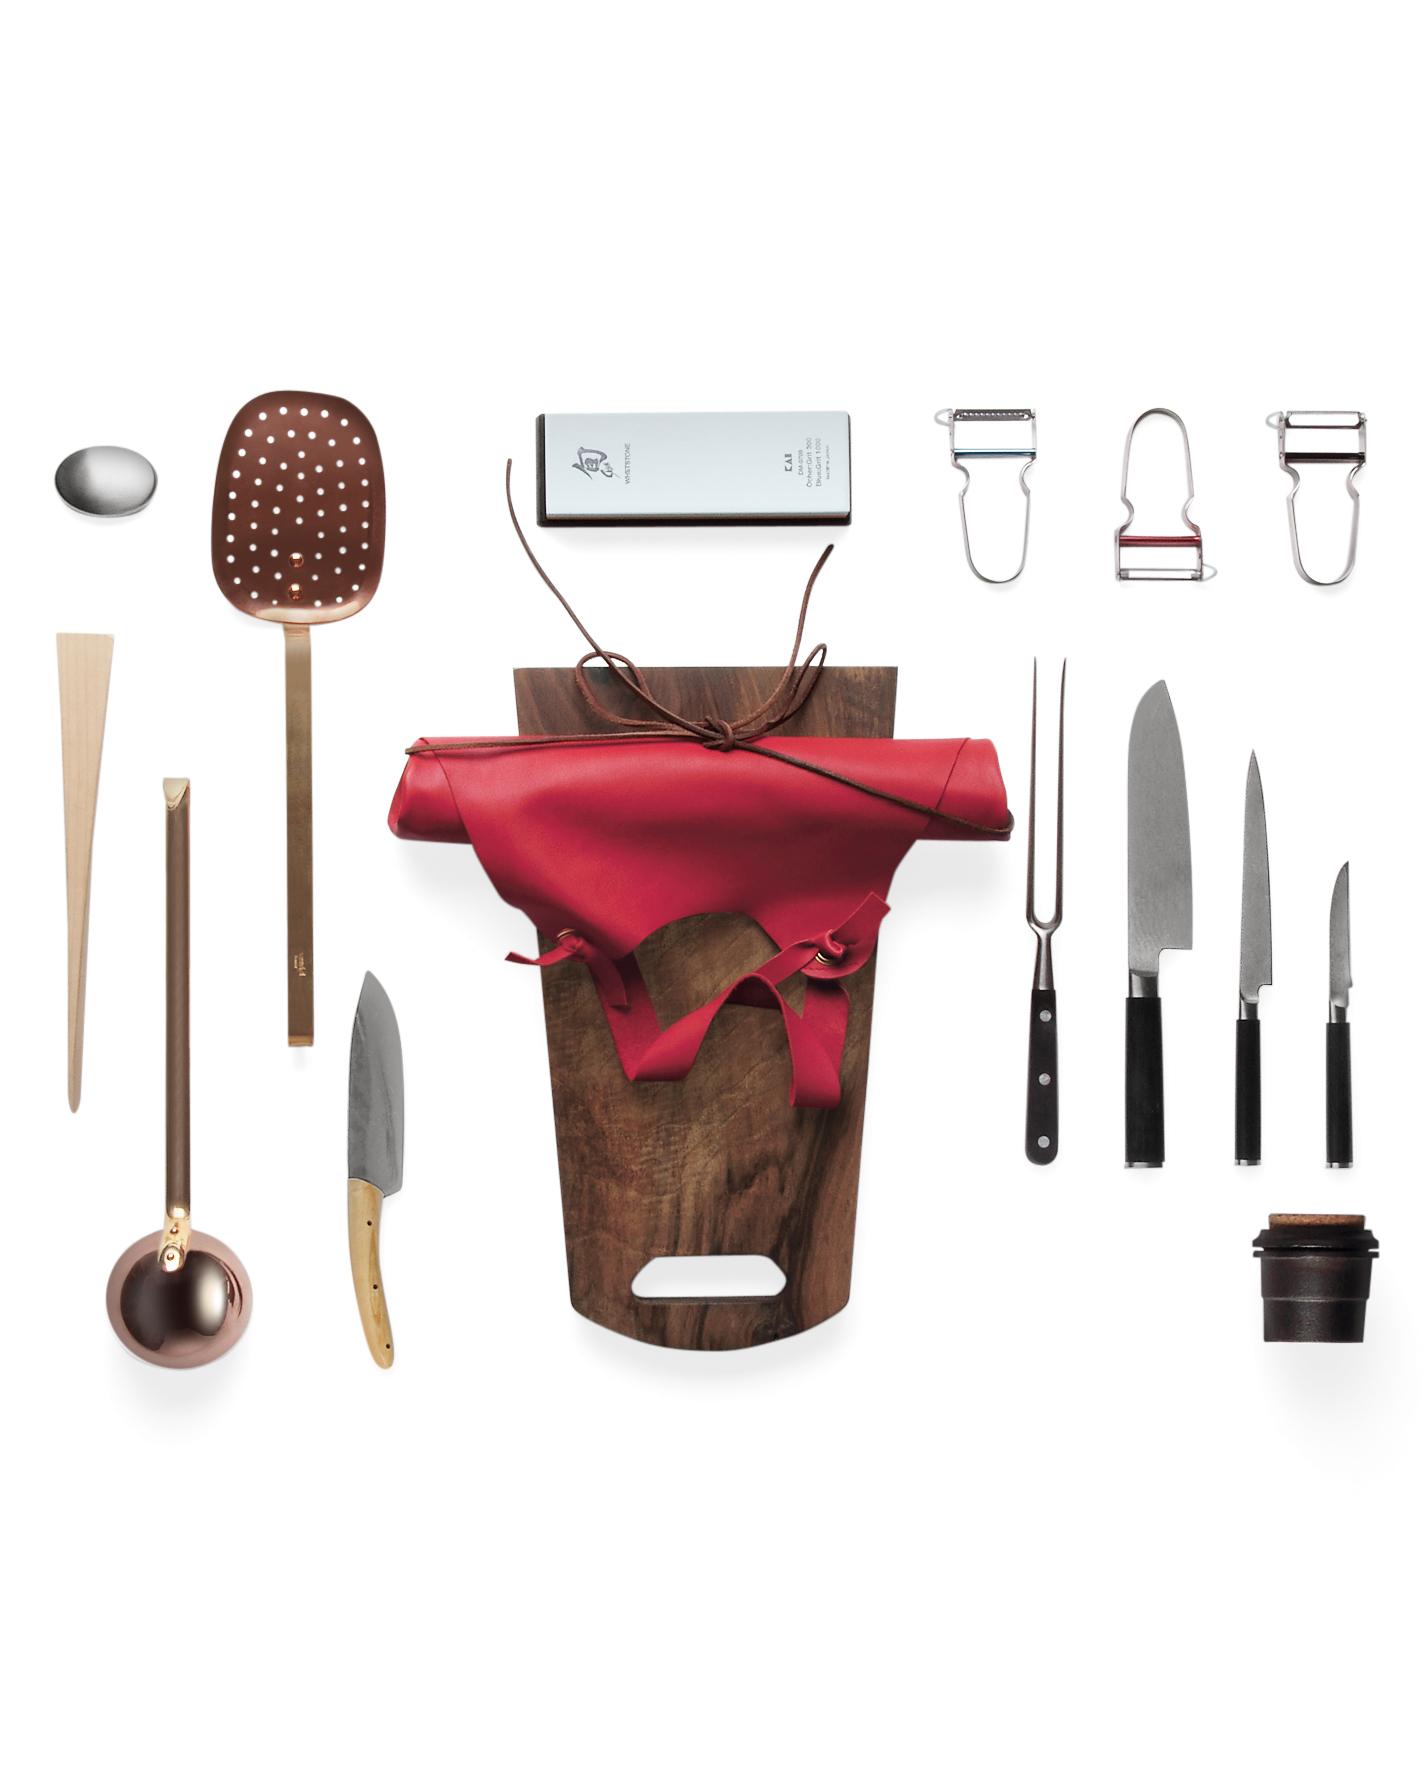 malle-w-trousseau-kitchen-set.jpg